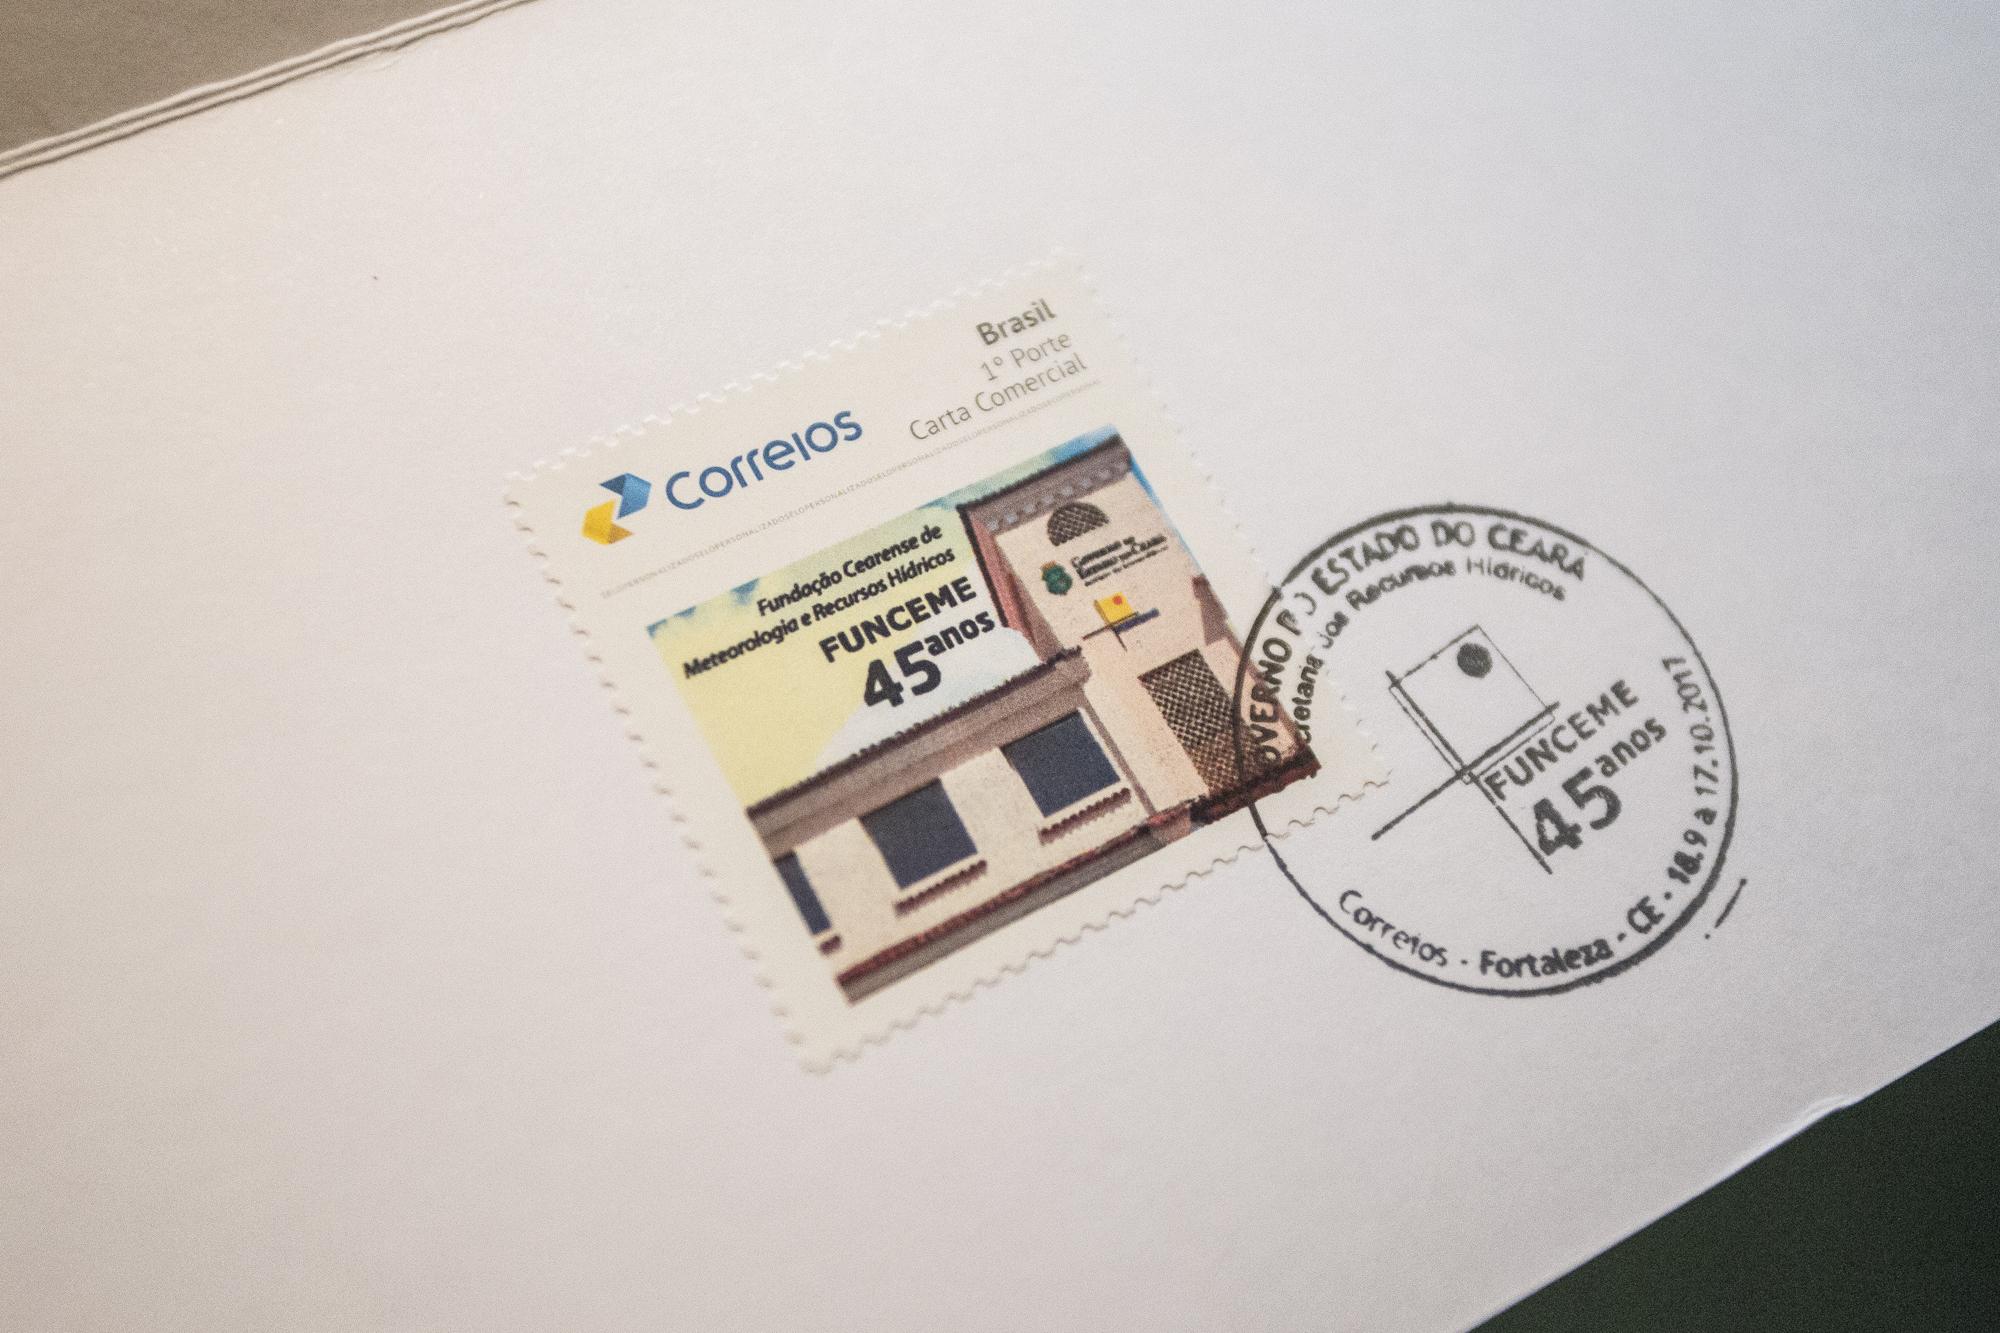 Foi lançado na manhã desta sexta-feira (6), no Palácio da Abolição, o selo comemorativo do aniversário de 45 anos da Fundação Cearense de Meteorologia e Recursos Hídricos (Funceme).